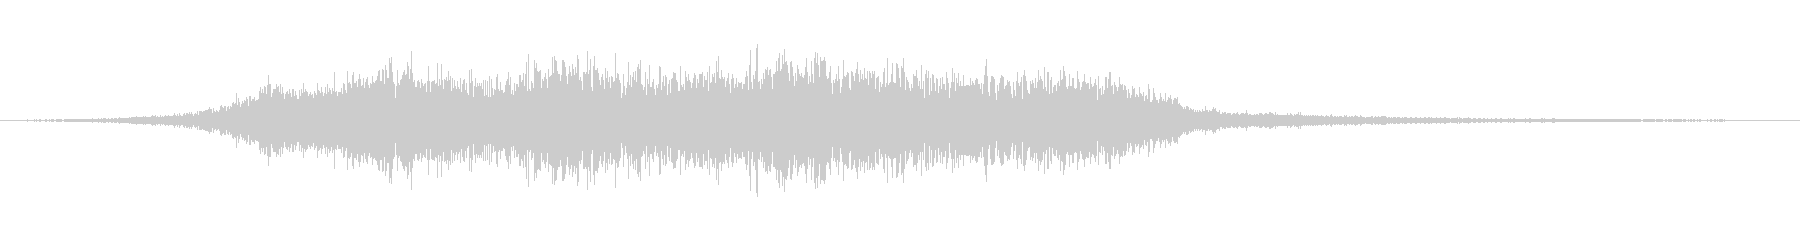 緊張 ゴースト合唱団トランジション02の未再生の波形